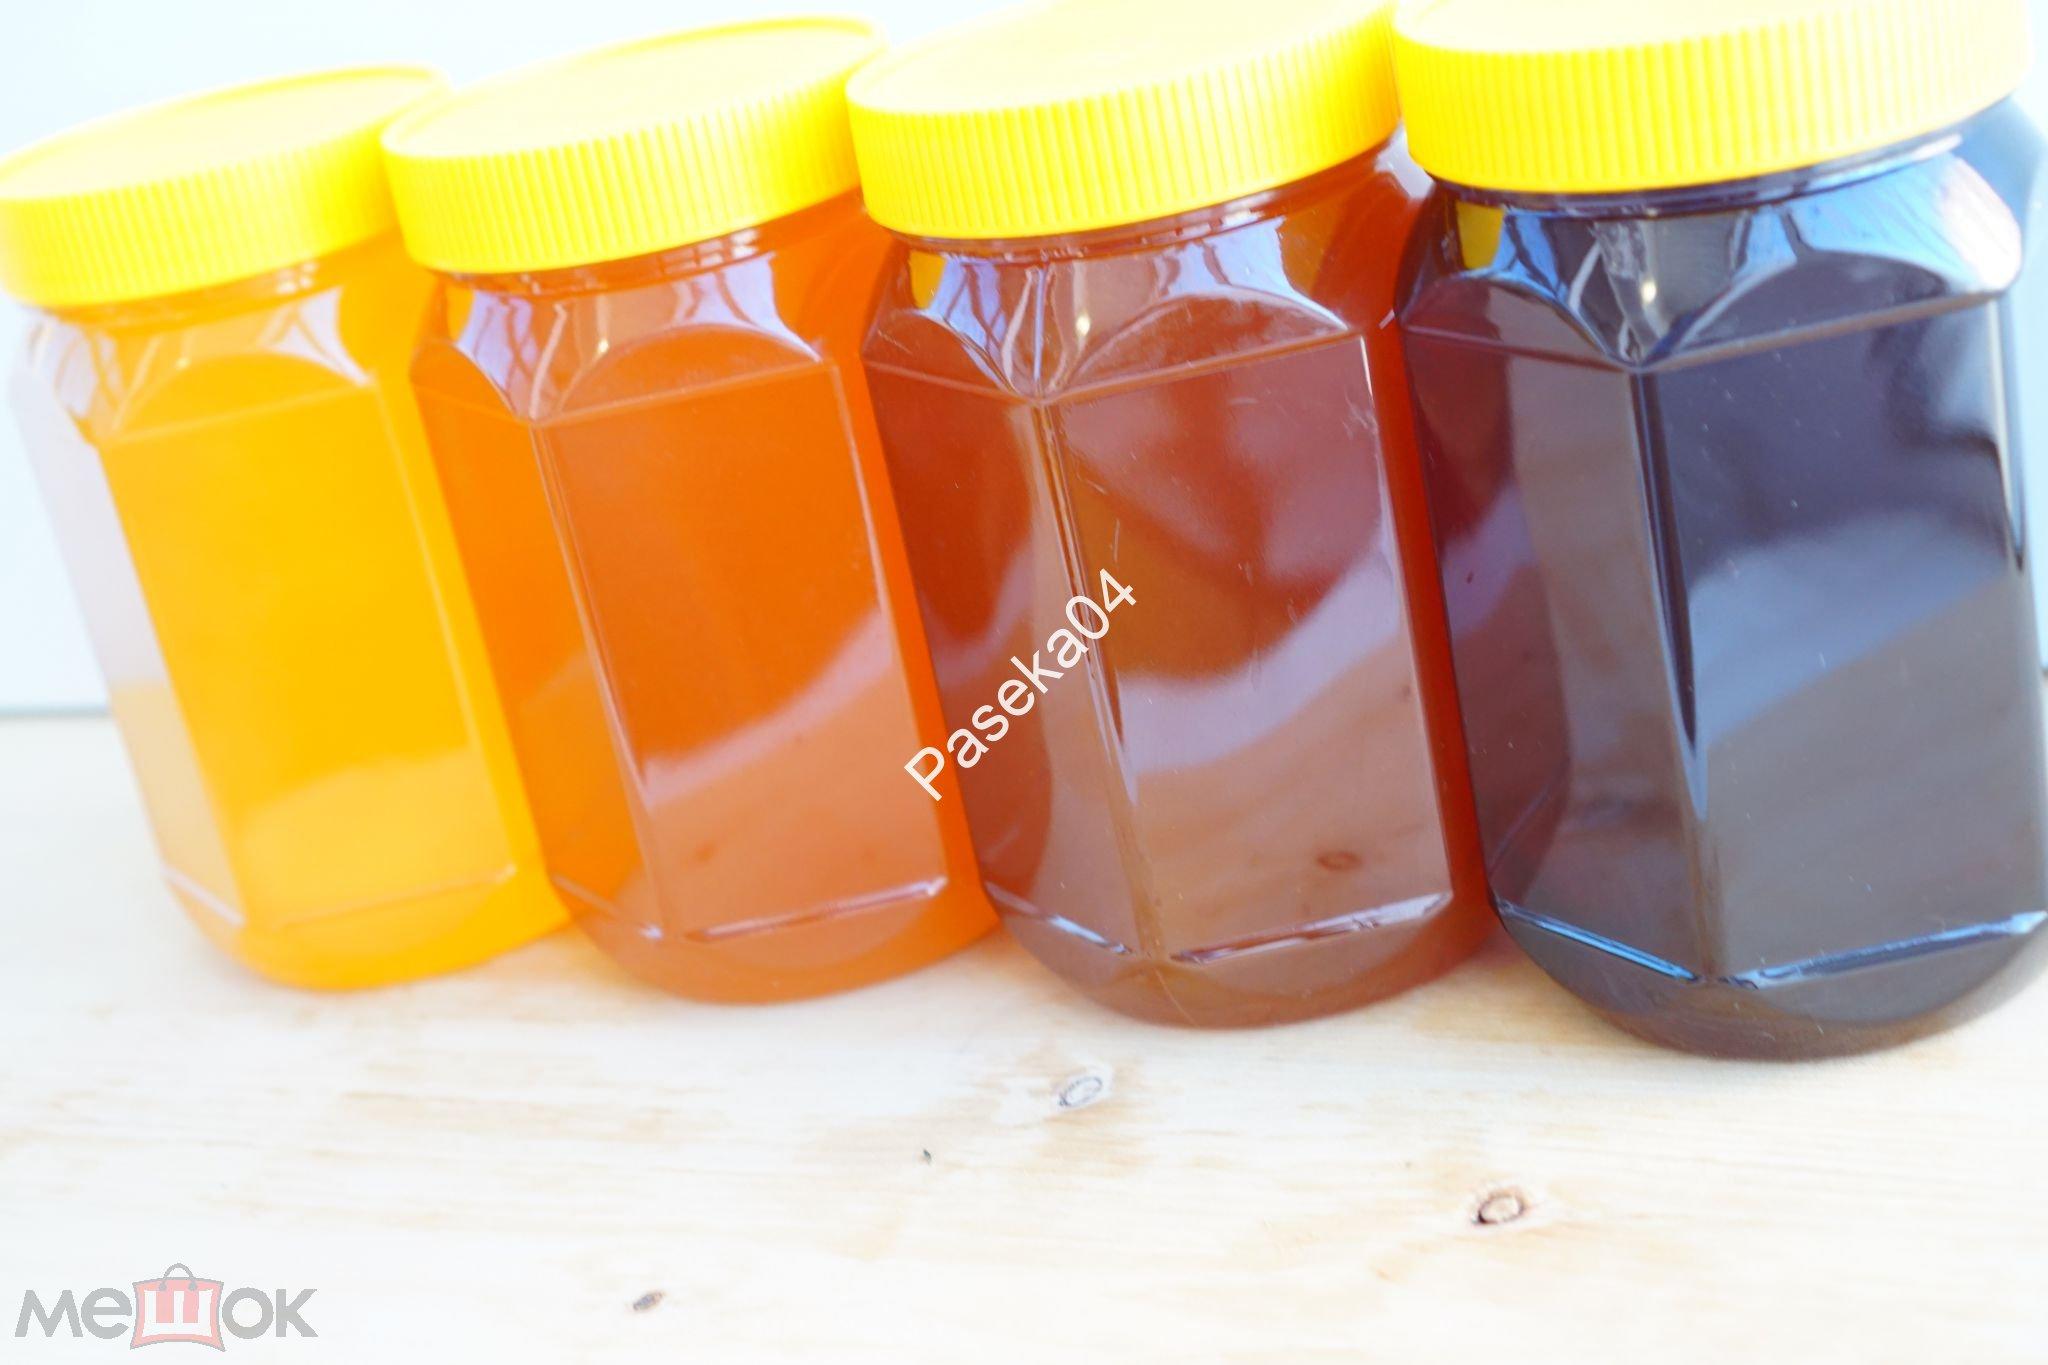 Медовая Коллекция / 4 сорта по 0,5 л. / Набор Горного Алтая / + Вкусные подарки!